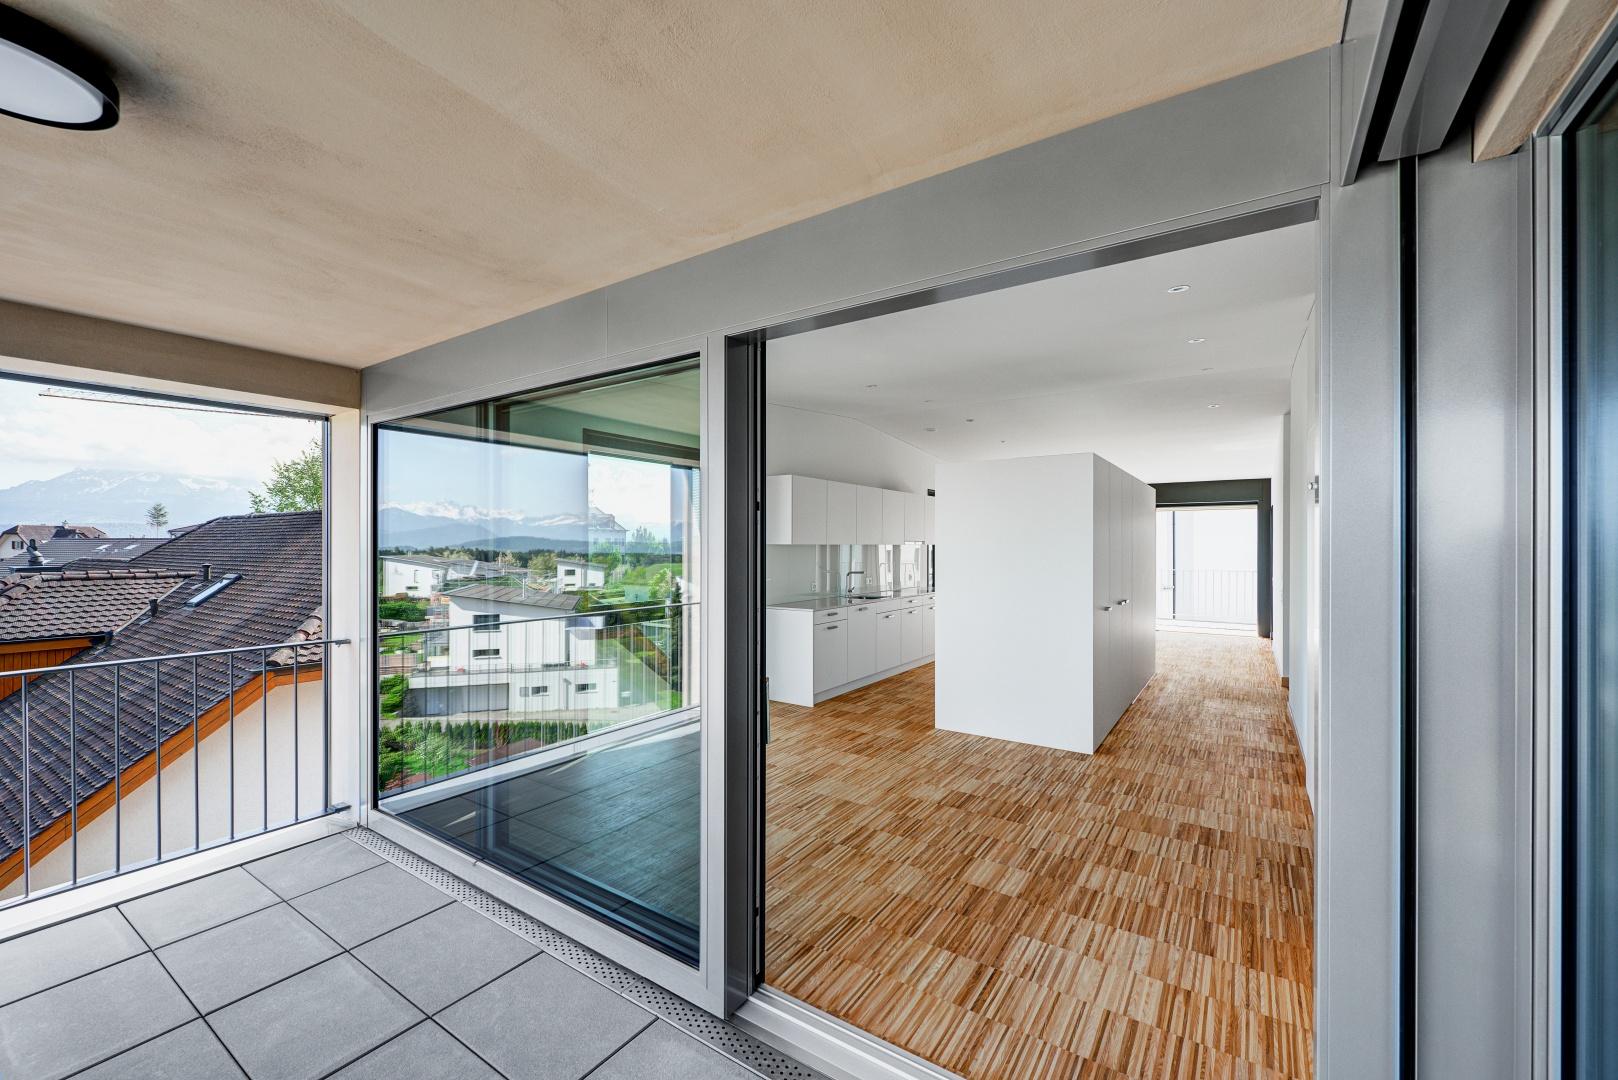 Der warmen Raumstimmung der Kernesche wird bewusst ein kühler Kontrast etwa  durch die Betonflächen entgegengesetzt. © Bruno Meier, Sursee